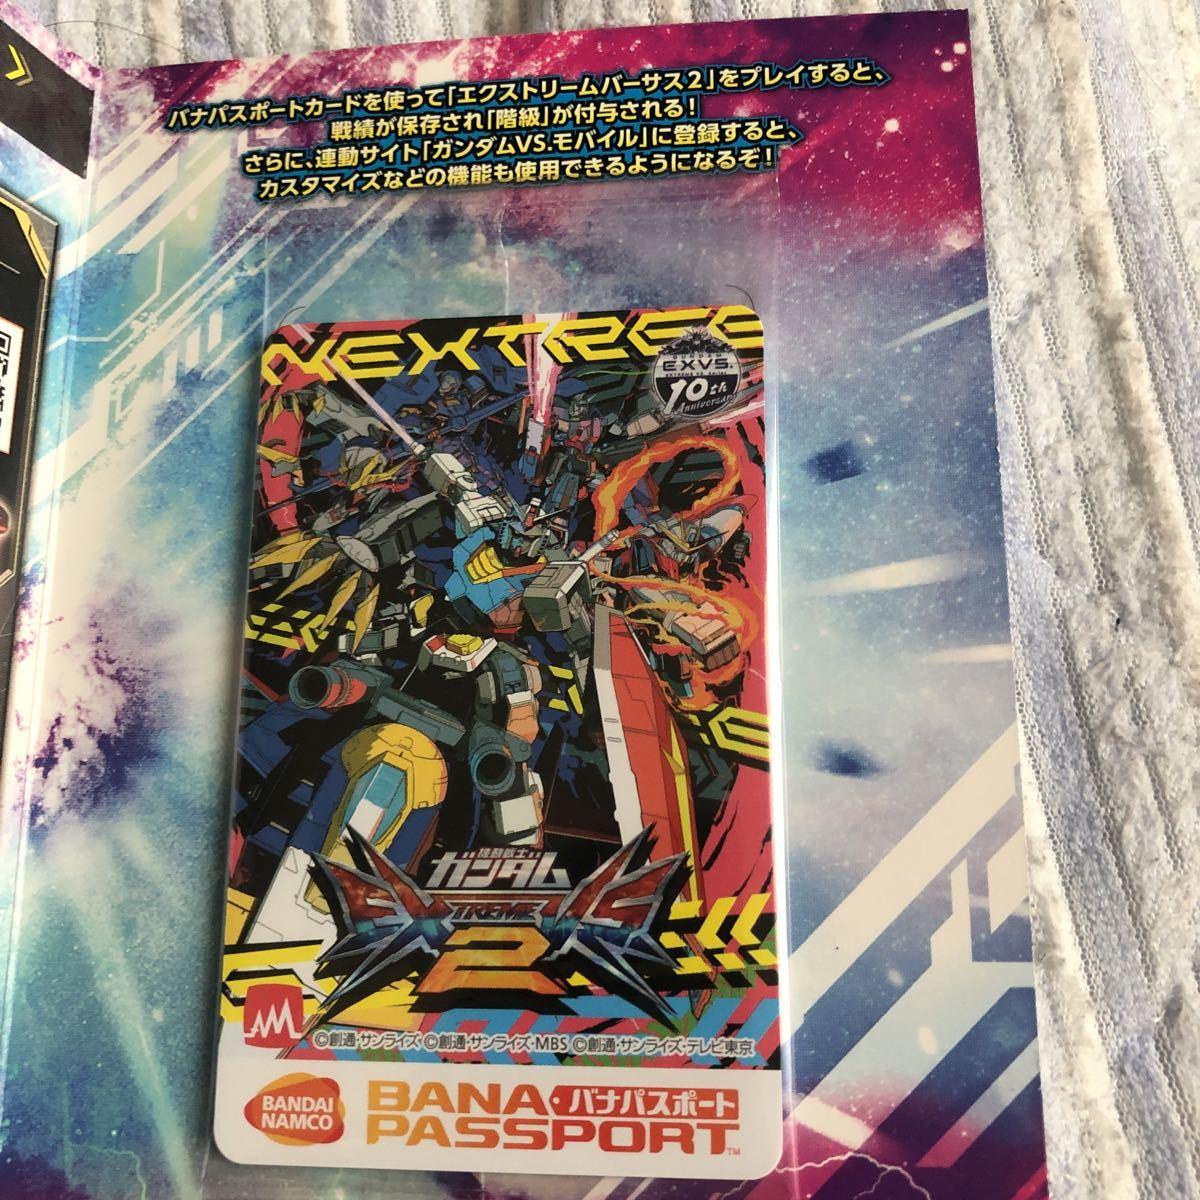 機動戦士ガンダム EXTREME VS. マキシブーストON 初回生産限定特典 オリジナルバナパスポートカード